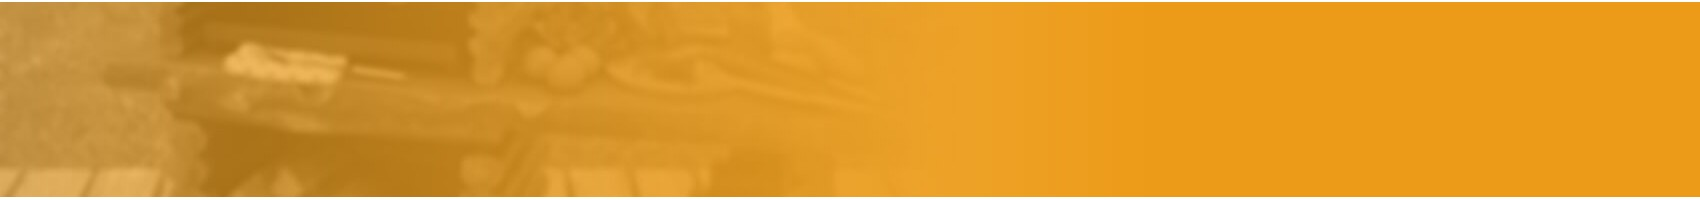 Wędzarnie Betonowe | Grillo-Wędzarnie Styrobud